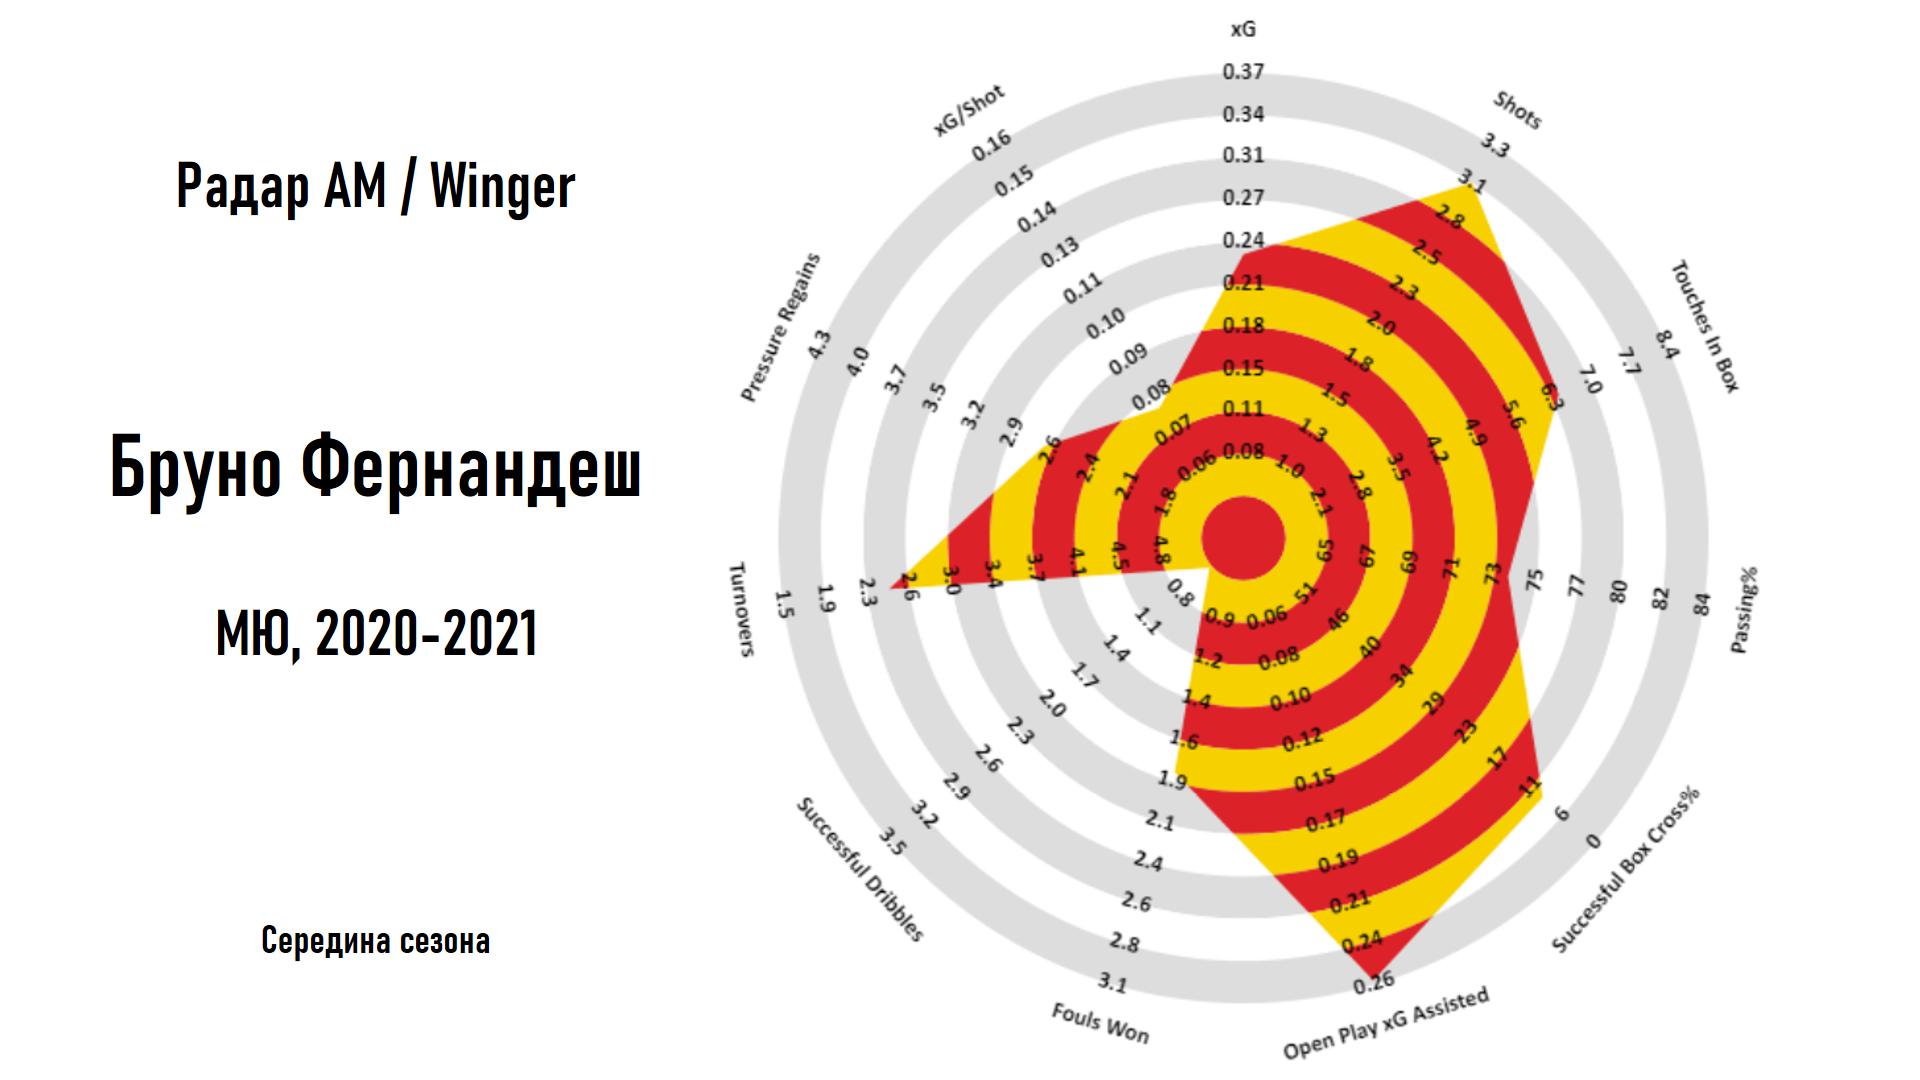 Радар футболиста - идея, пришедшая из NBA и ставшая стандартом для визуализации метрик в футбольной аналитике